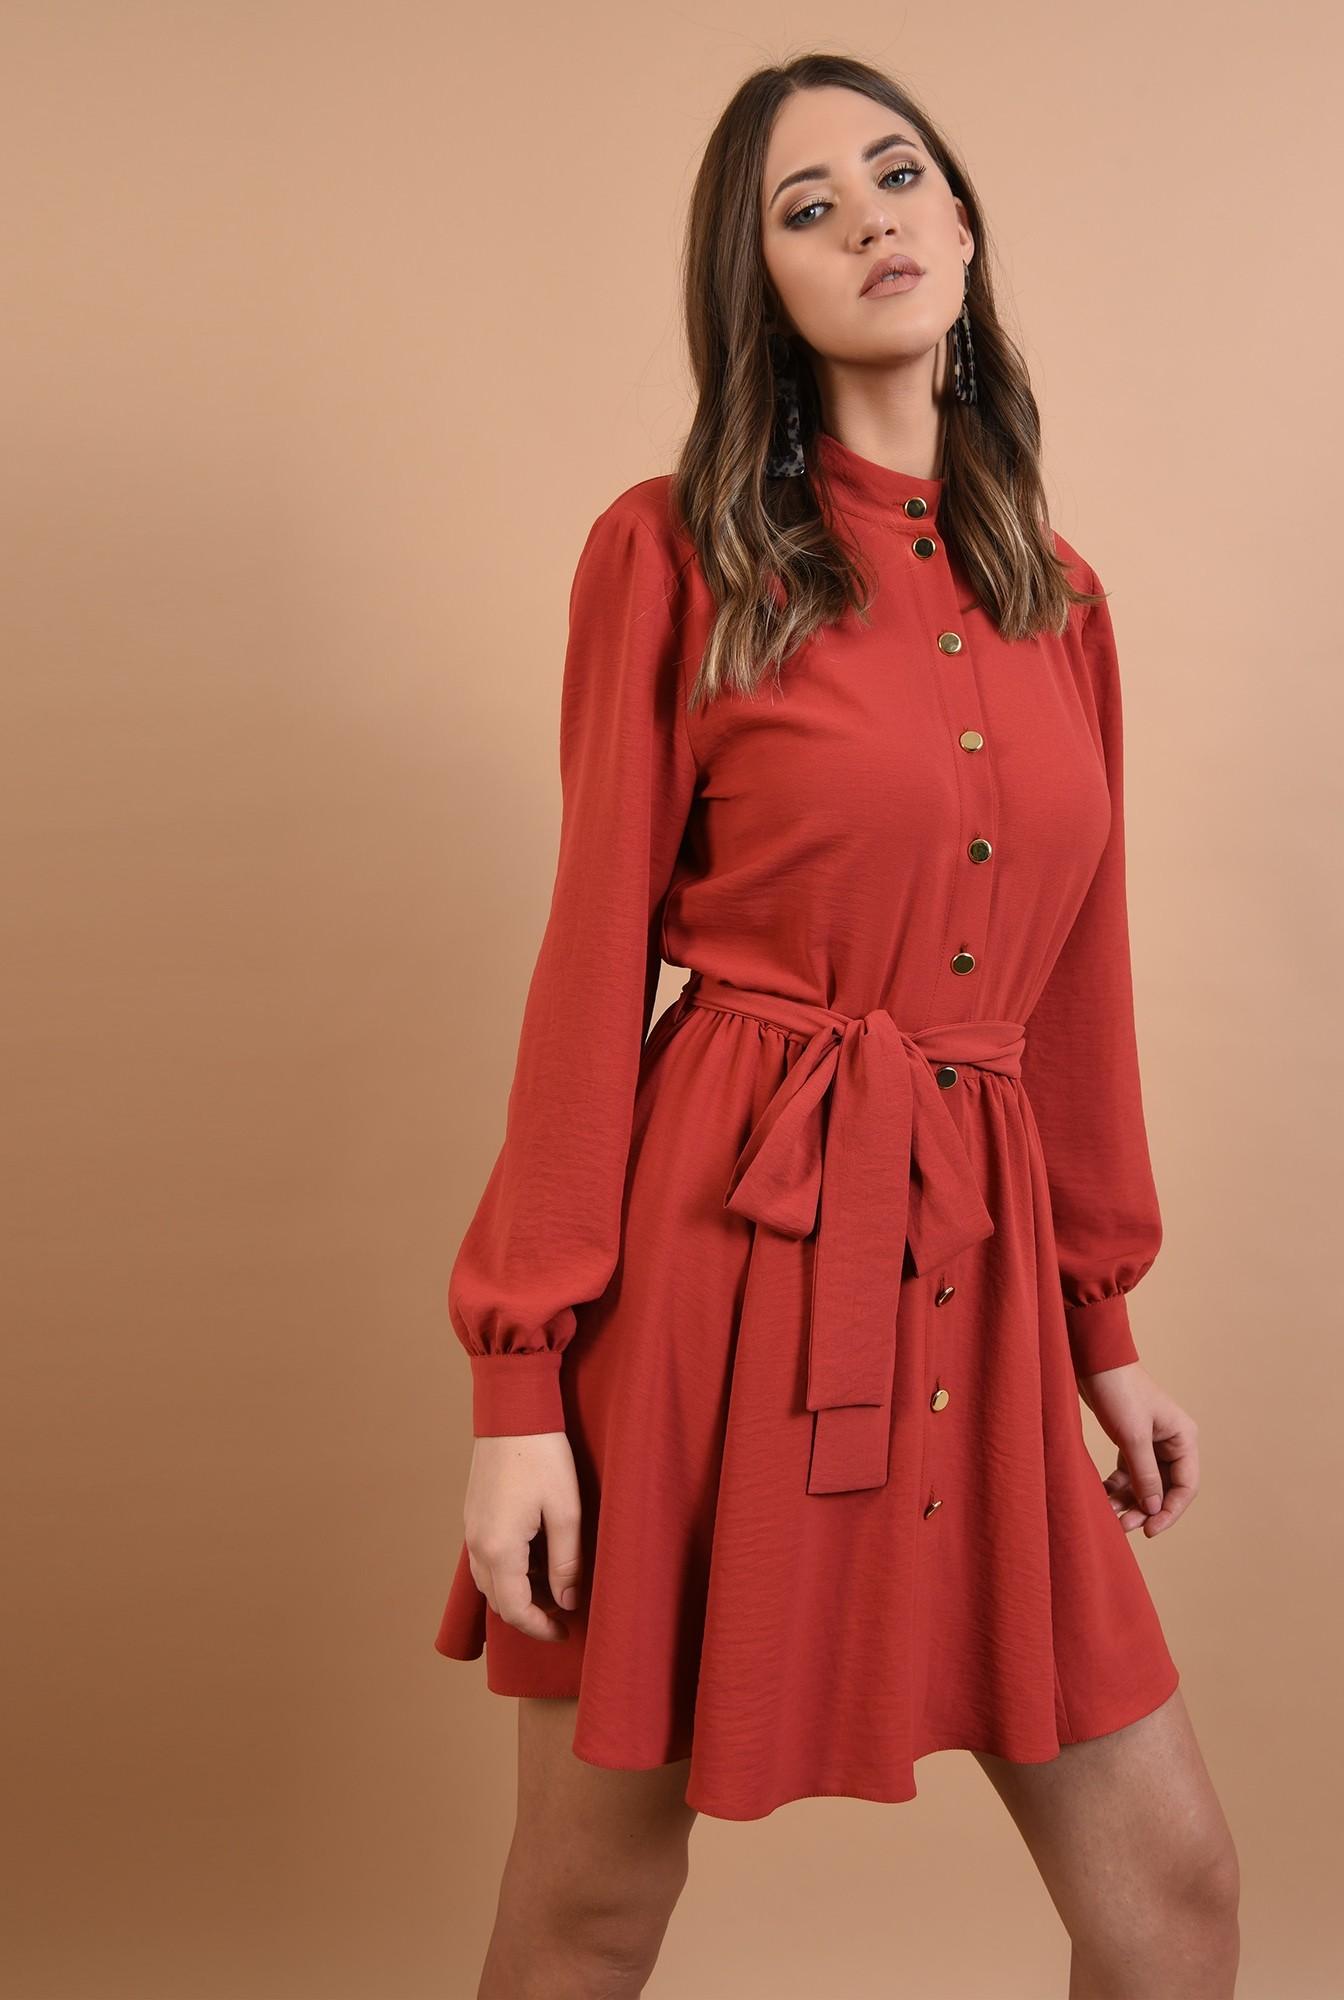 0 - rochie rosu, casual, croi clos, cu cordon, nasturi aurii